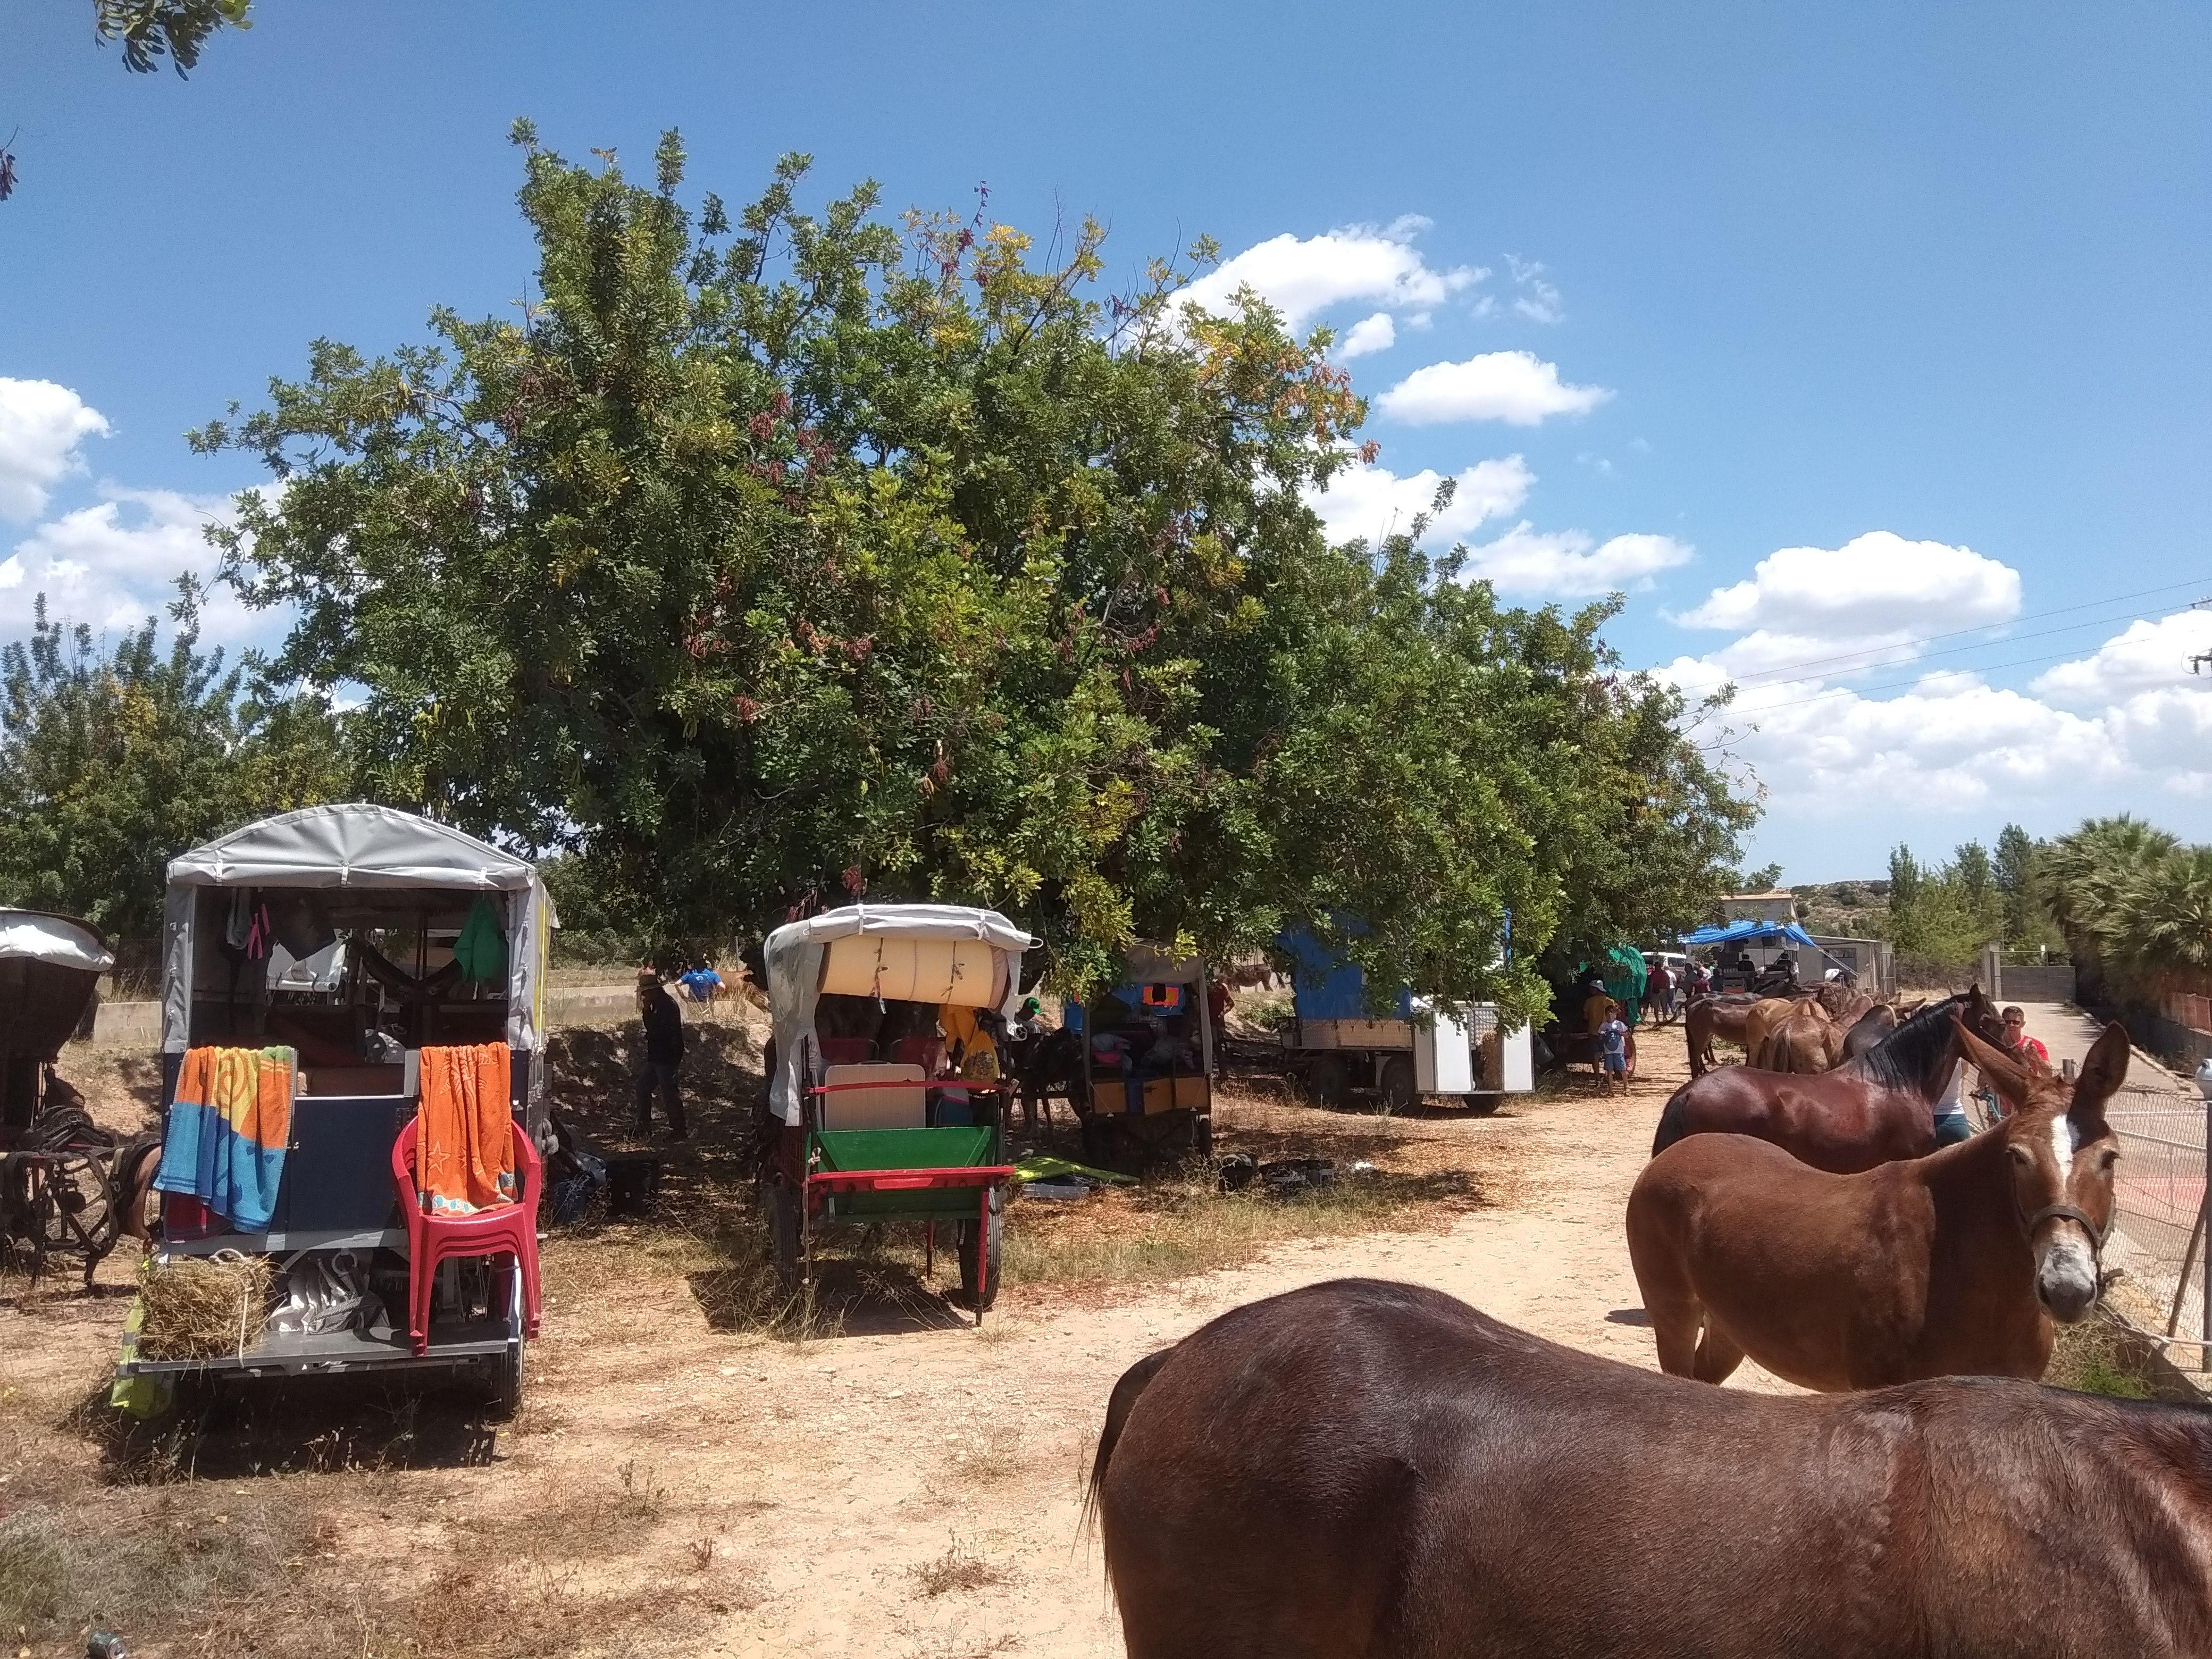 Participants de pobles com Picassent, Ontinyent, Gandia o Aielo de Malferit conviuenestosdies dalt dels seus carros recorrent les carreteres de la nostra comunitat.